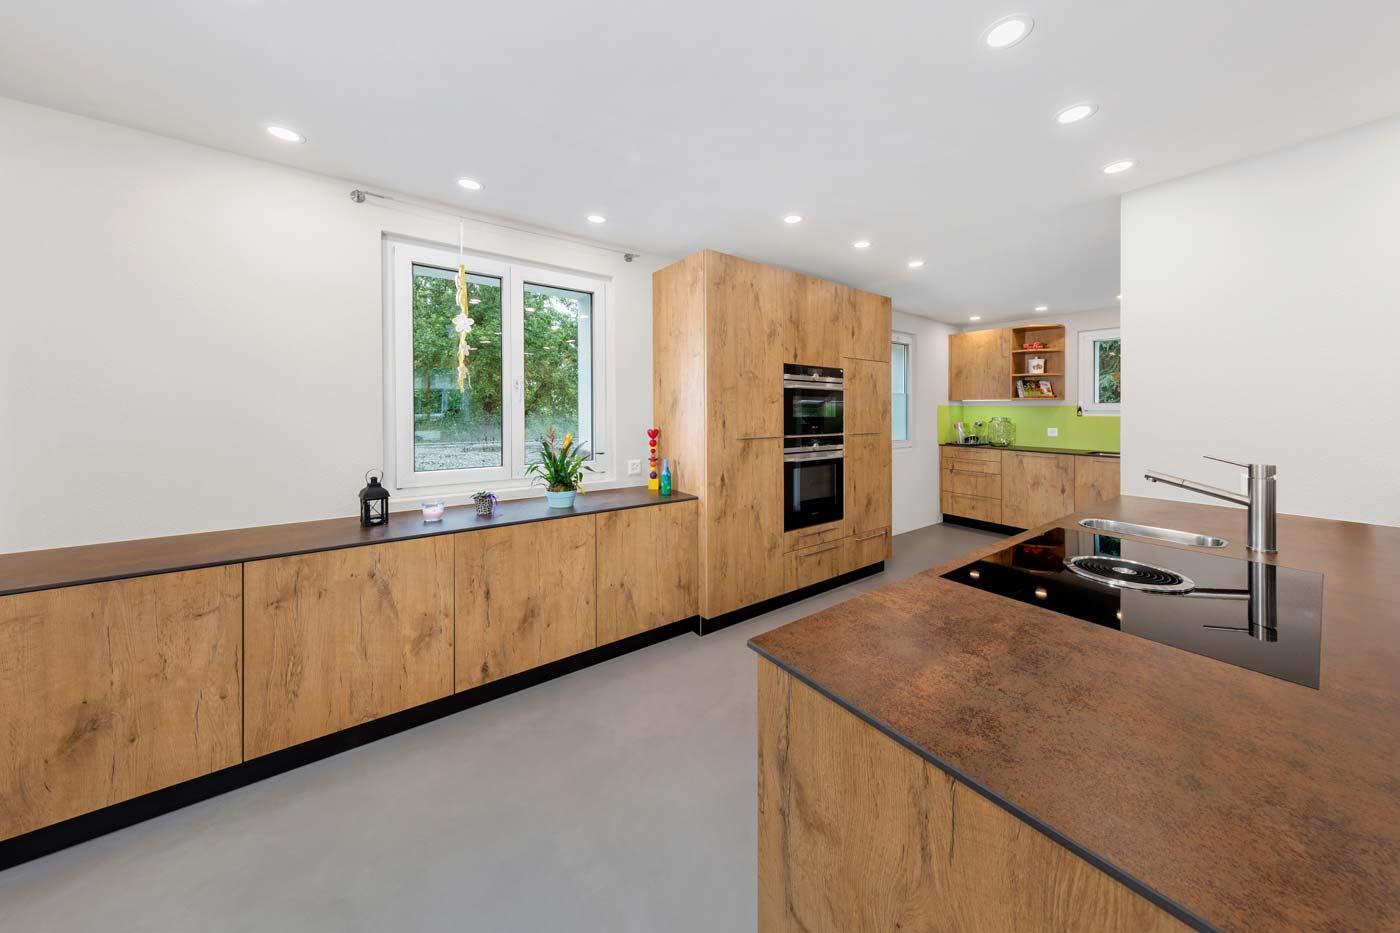 Eichenholz-Küche